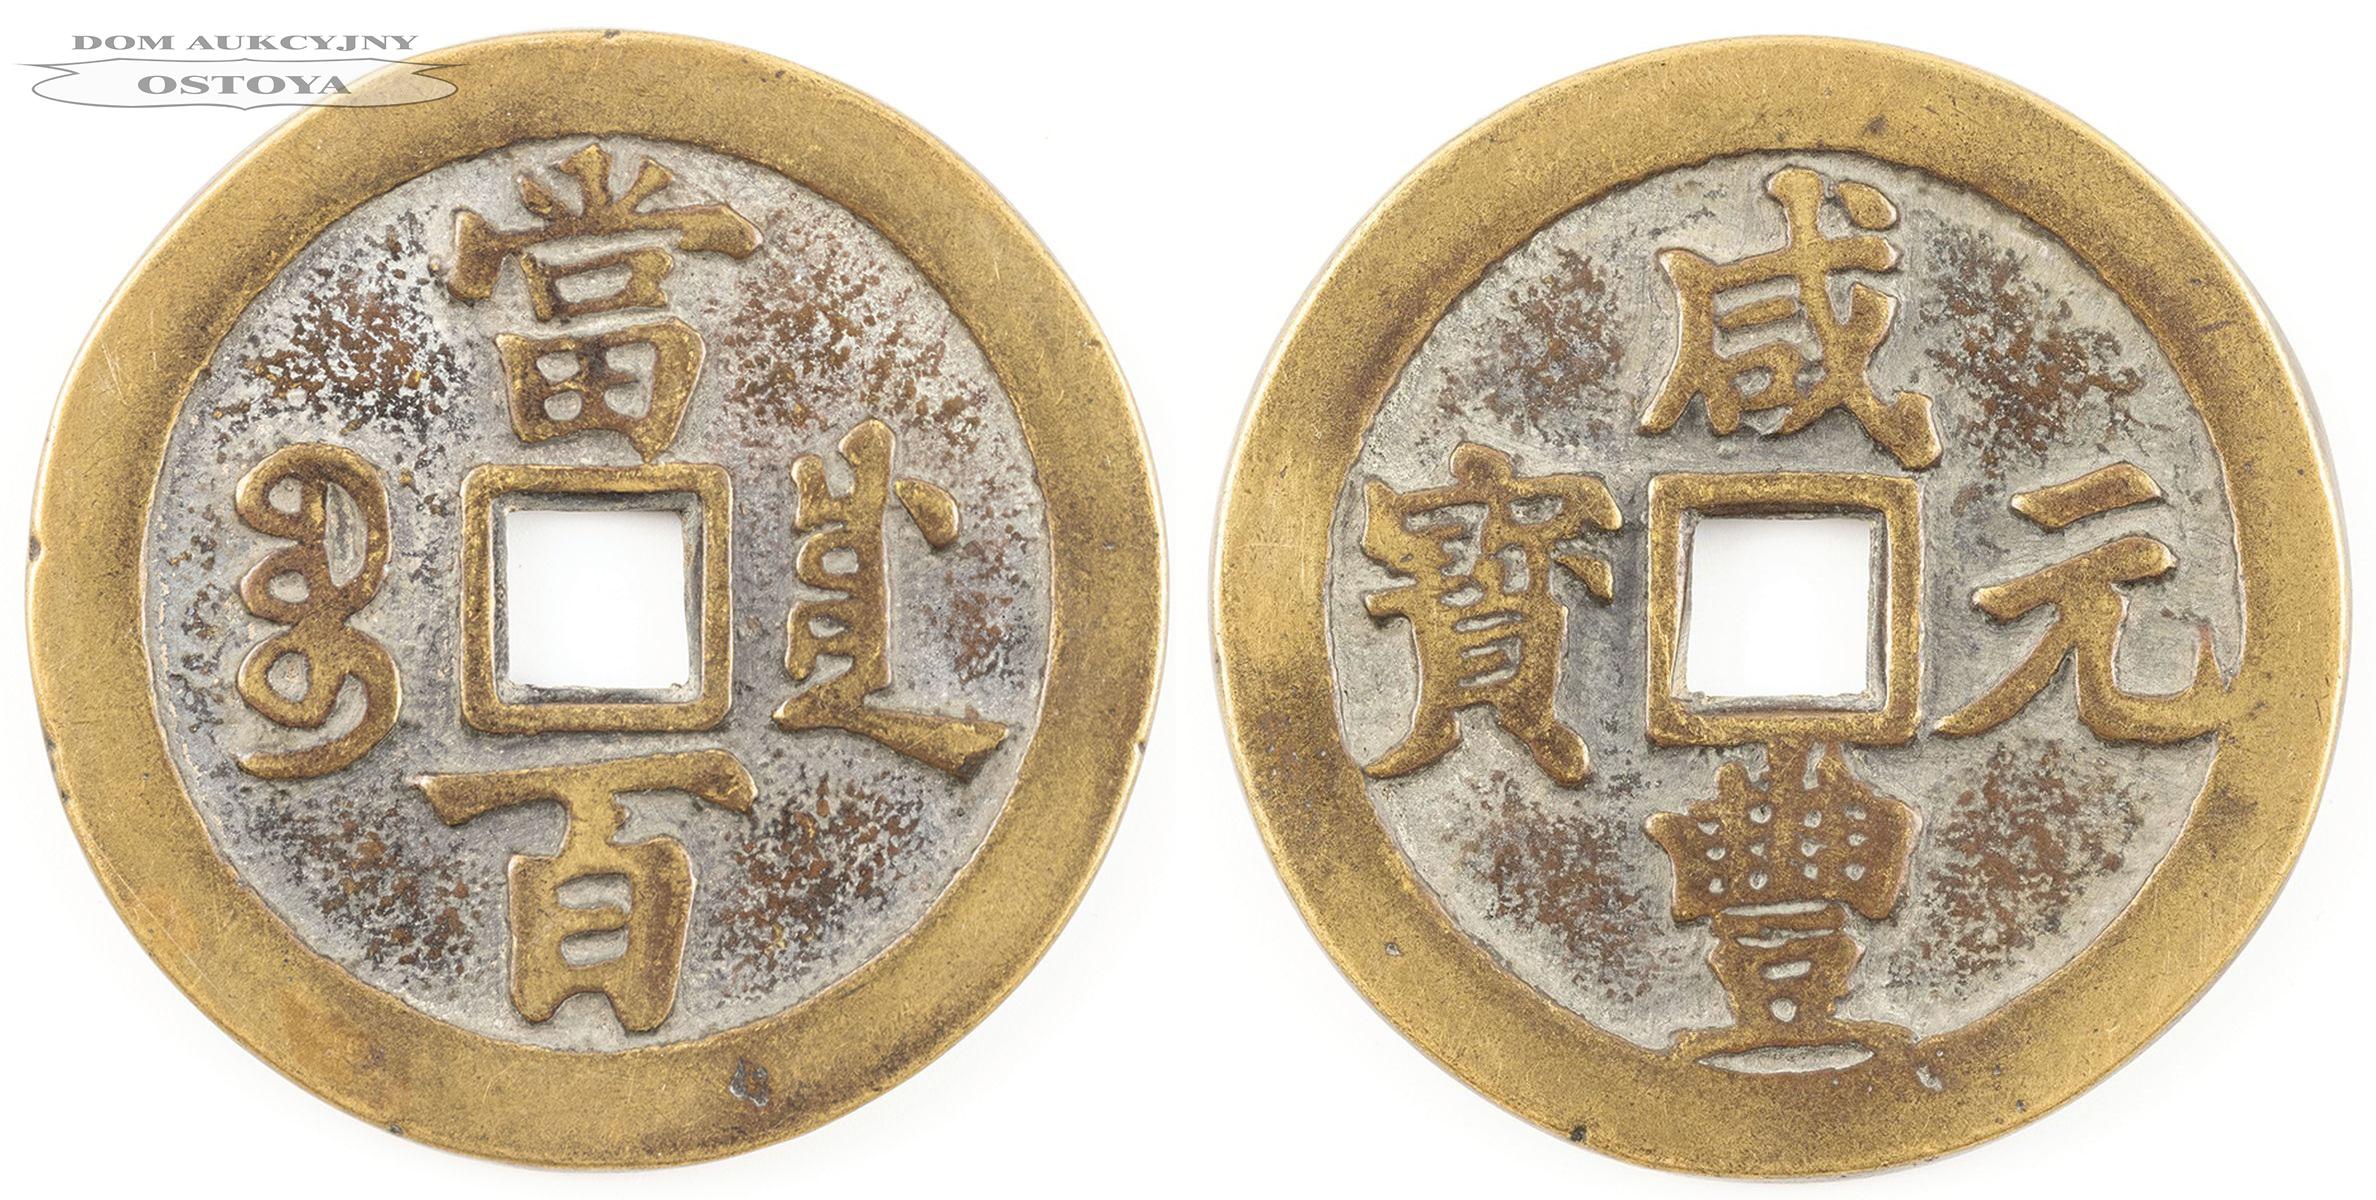 MONETA KESZOWA, Xianfeng, Bao Chuan, Zhonggian, 1831-61